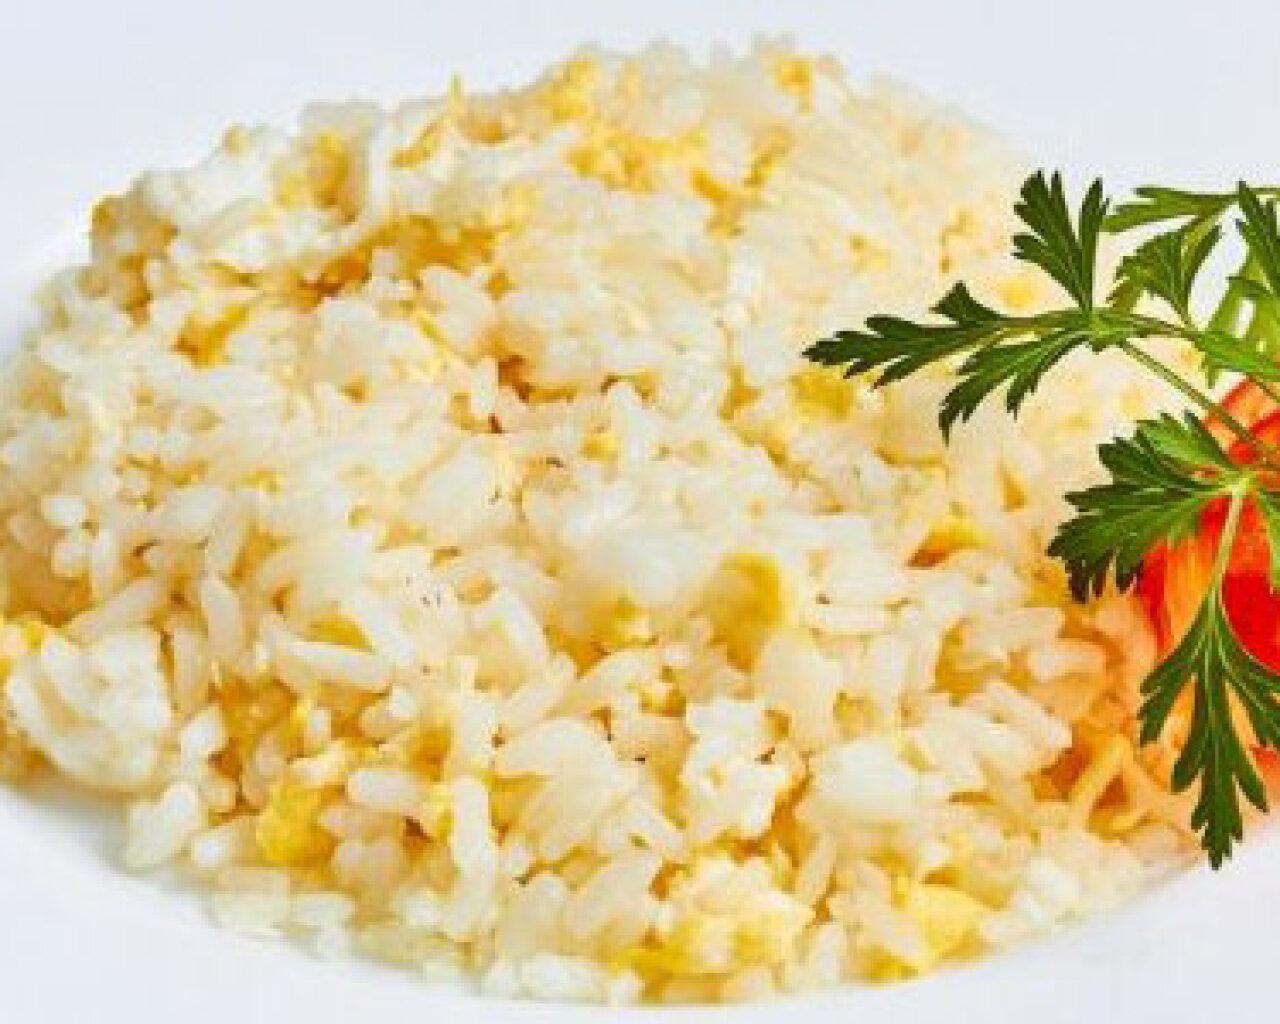 Рис С Яйцом При Похудении. Худеем вкусно: 7 диетических блюд из риса на каждый день